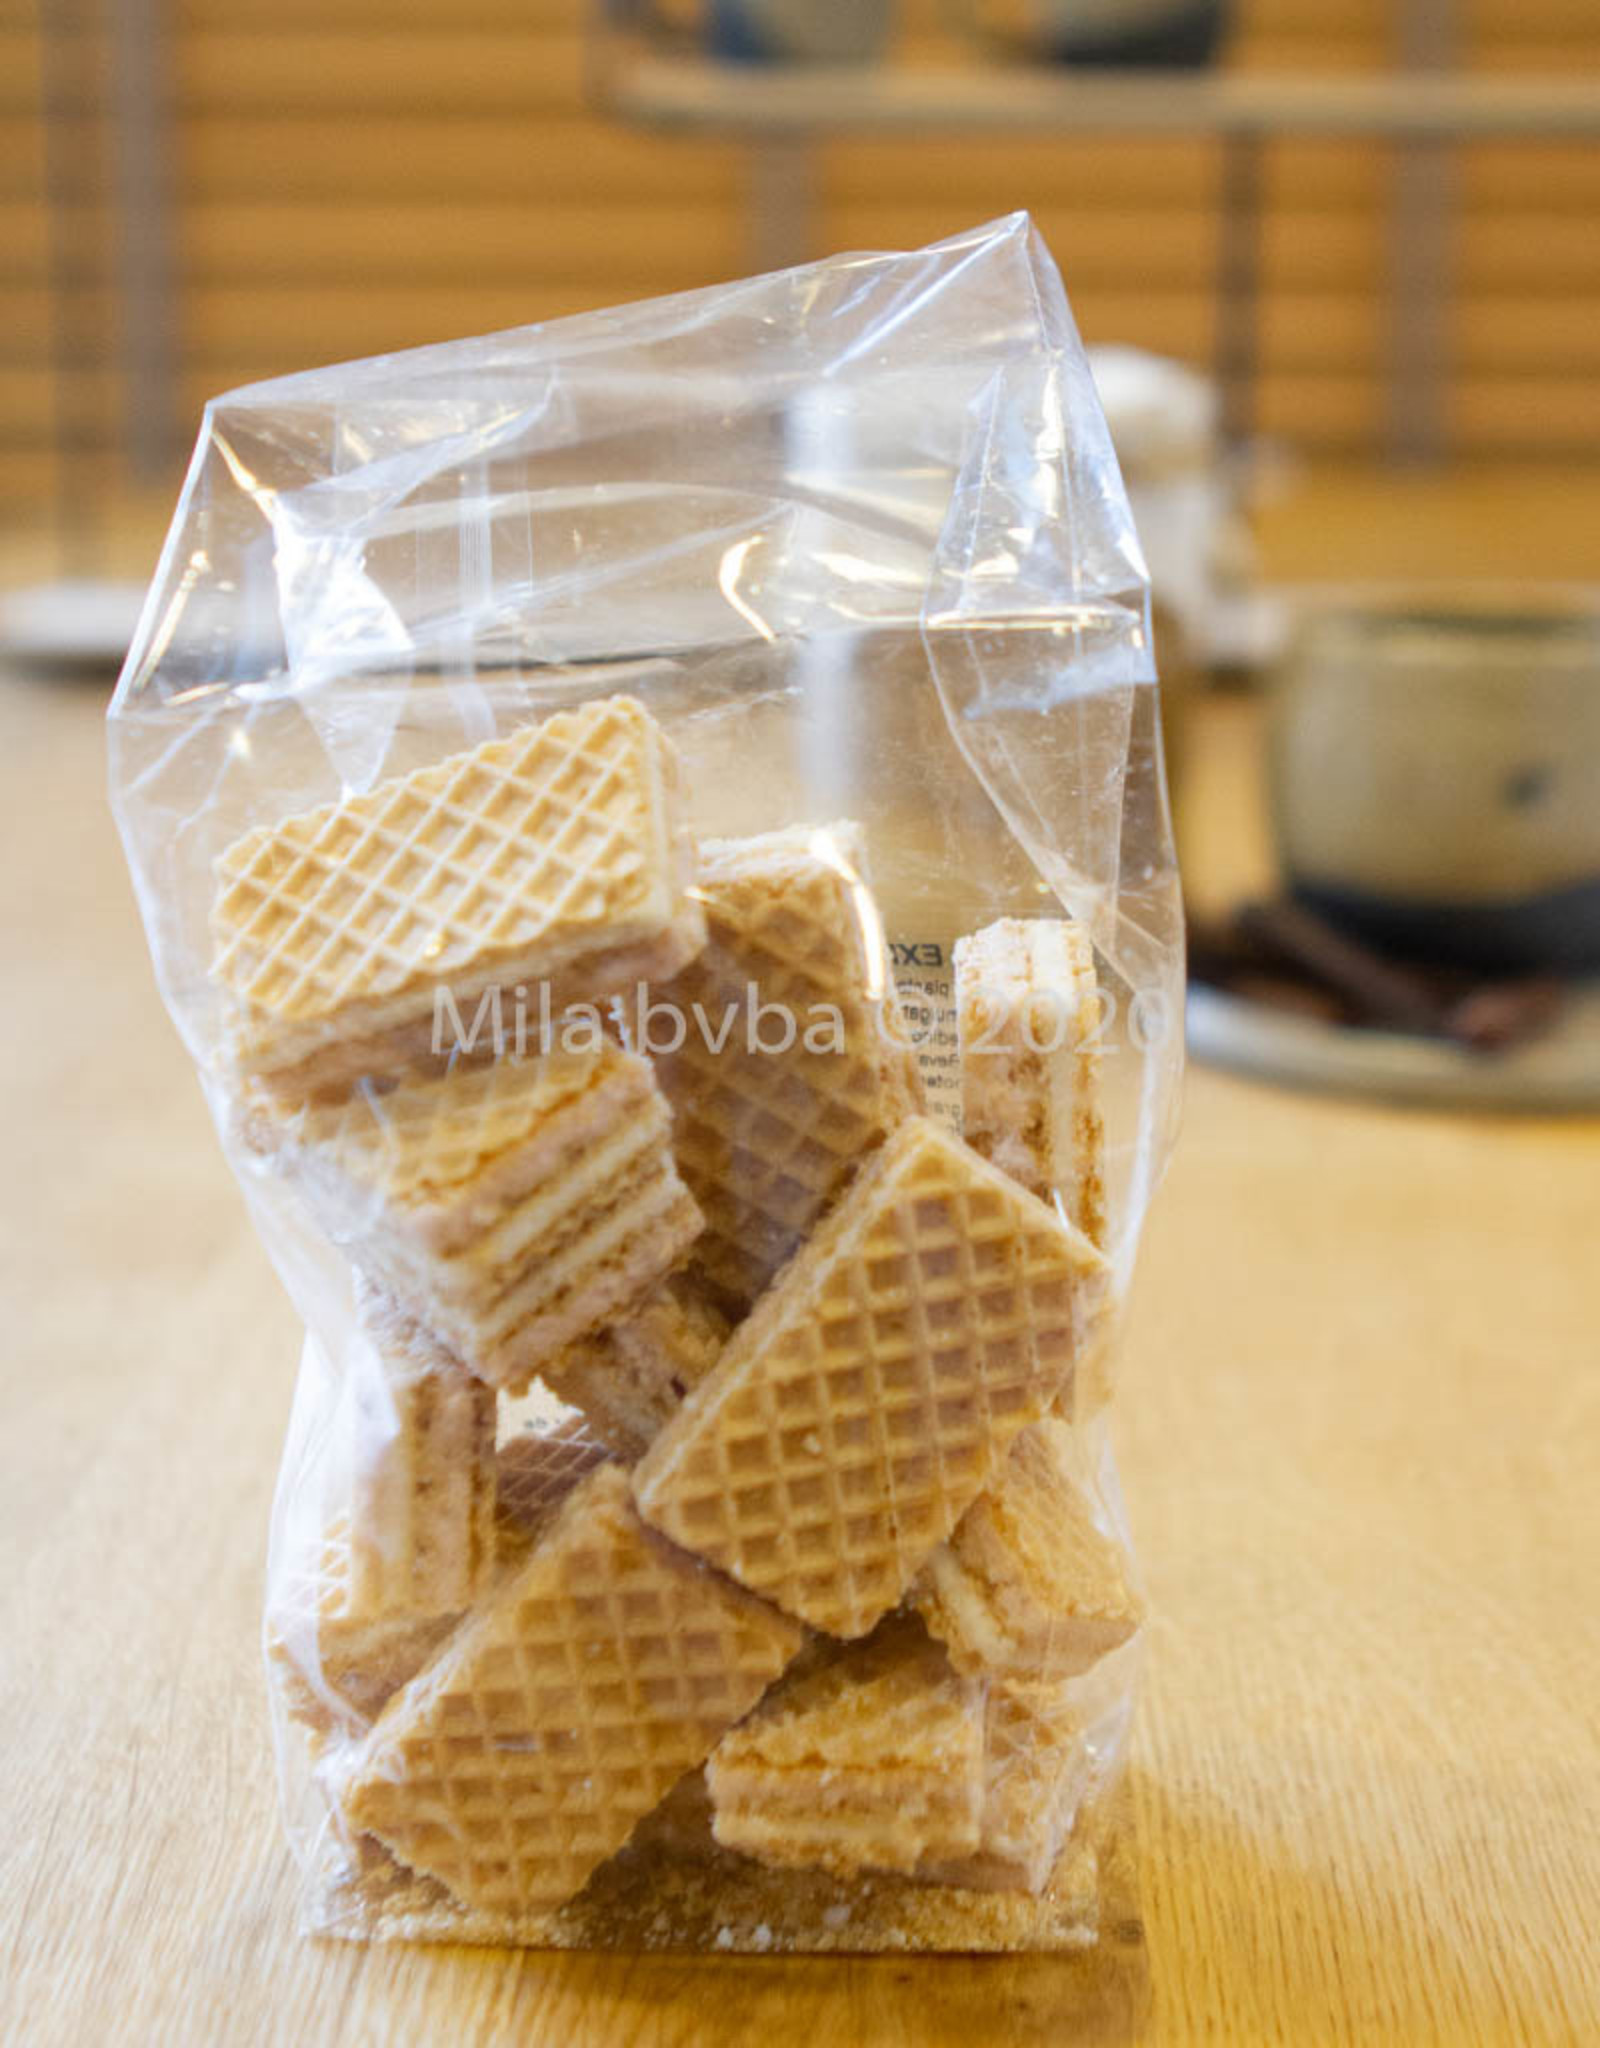 Ambachtelijk gebakken koekjes - Expo wafels  - 125 gr